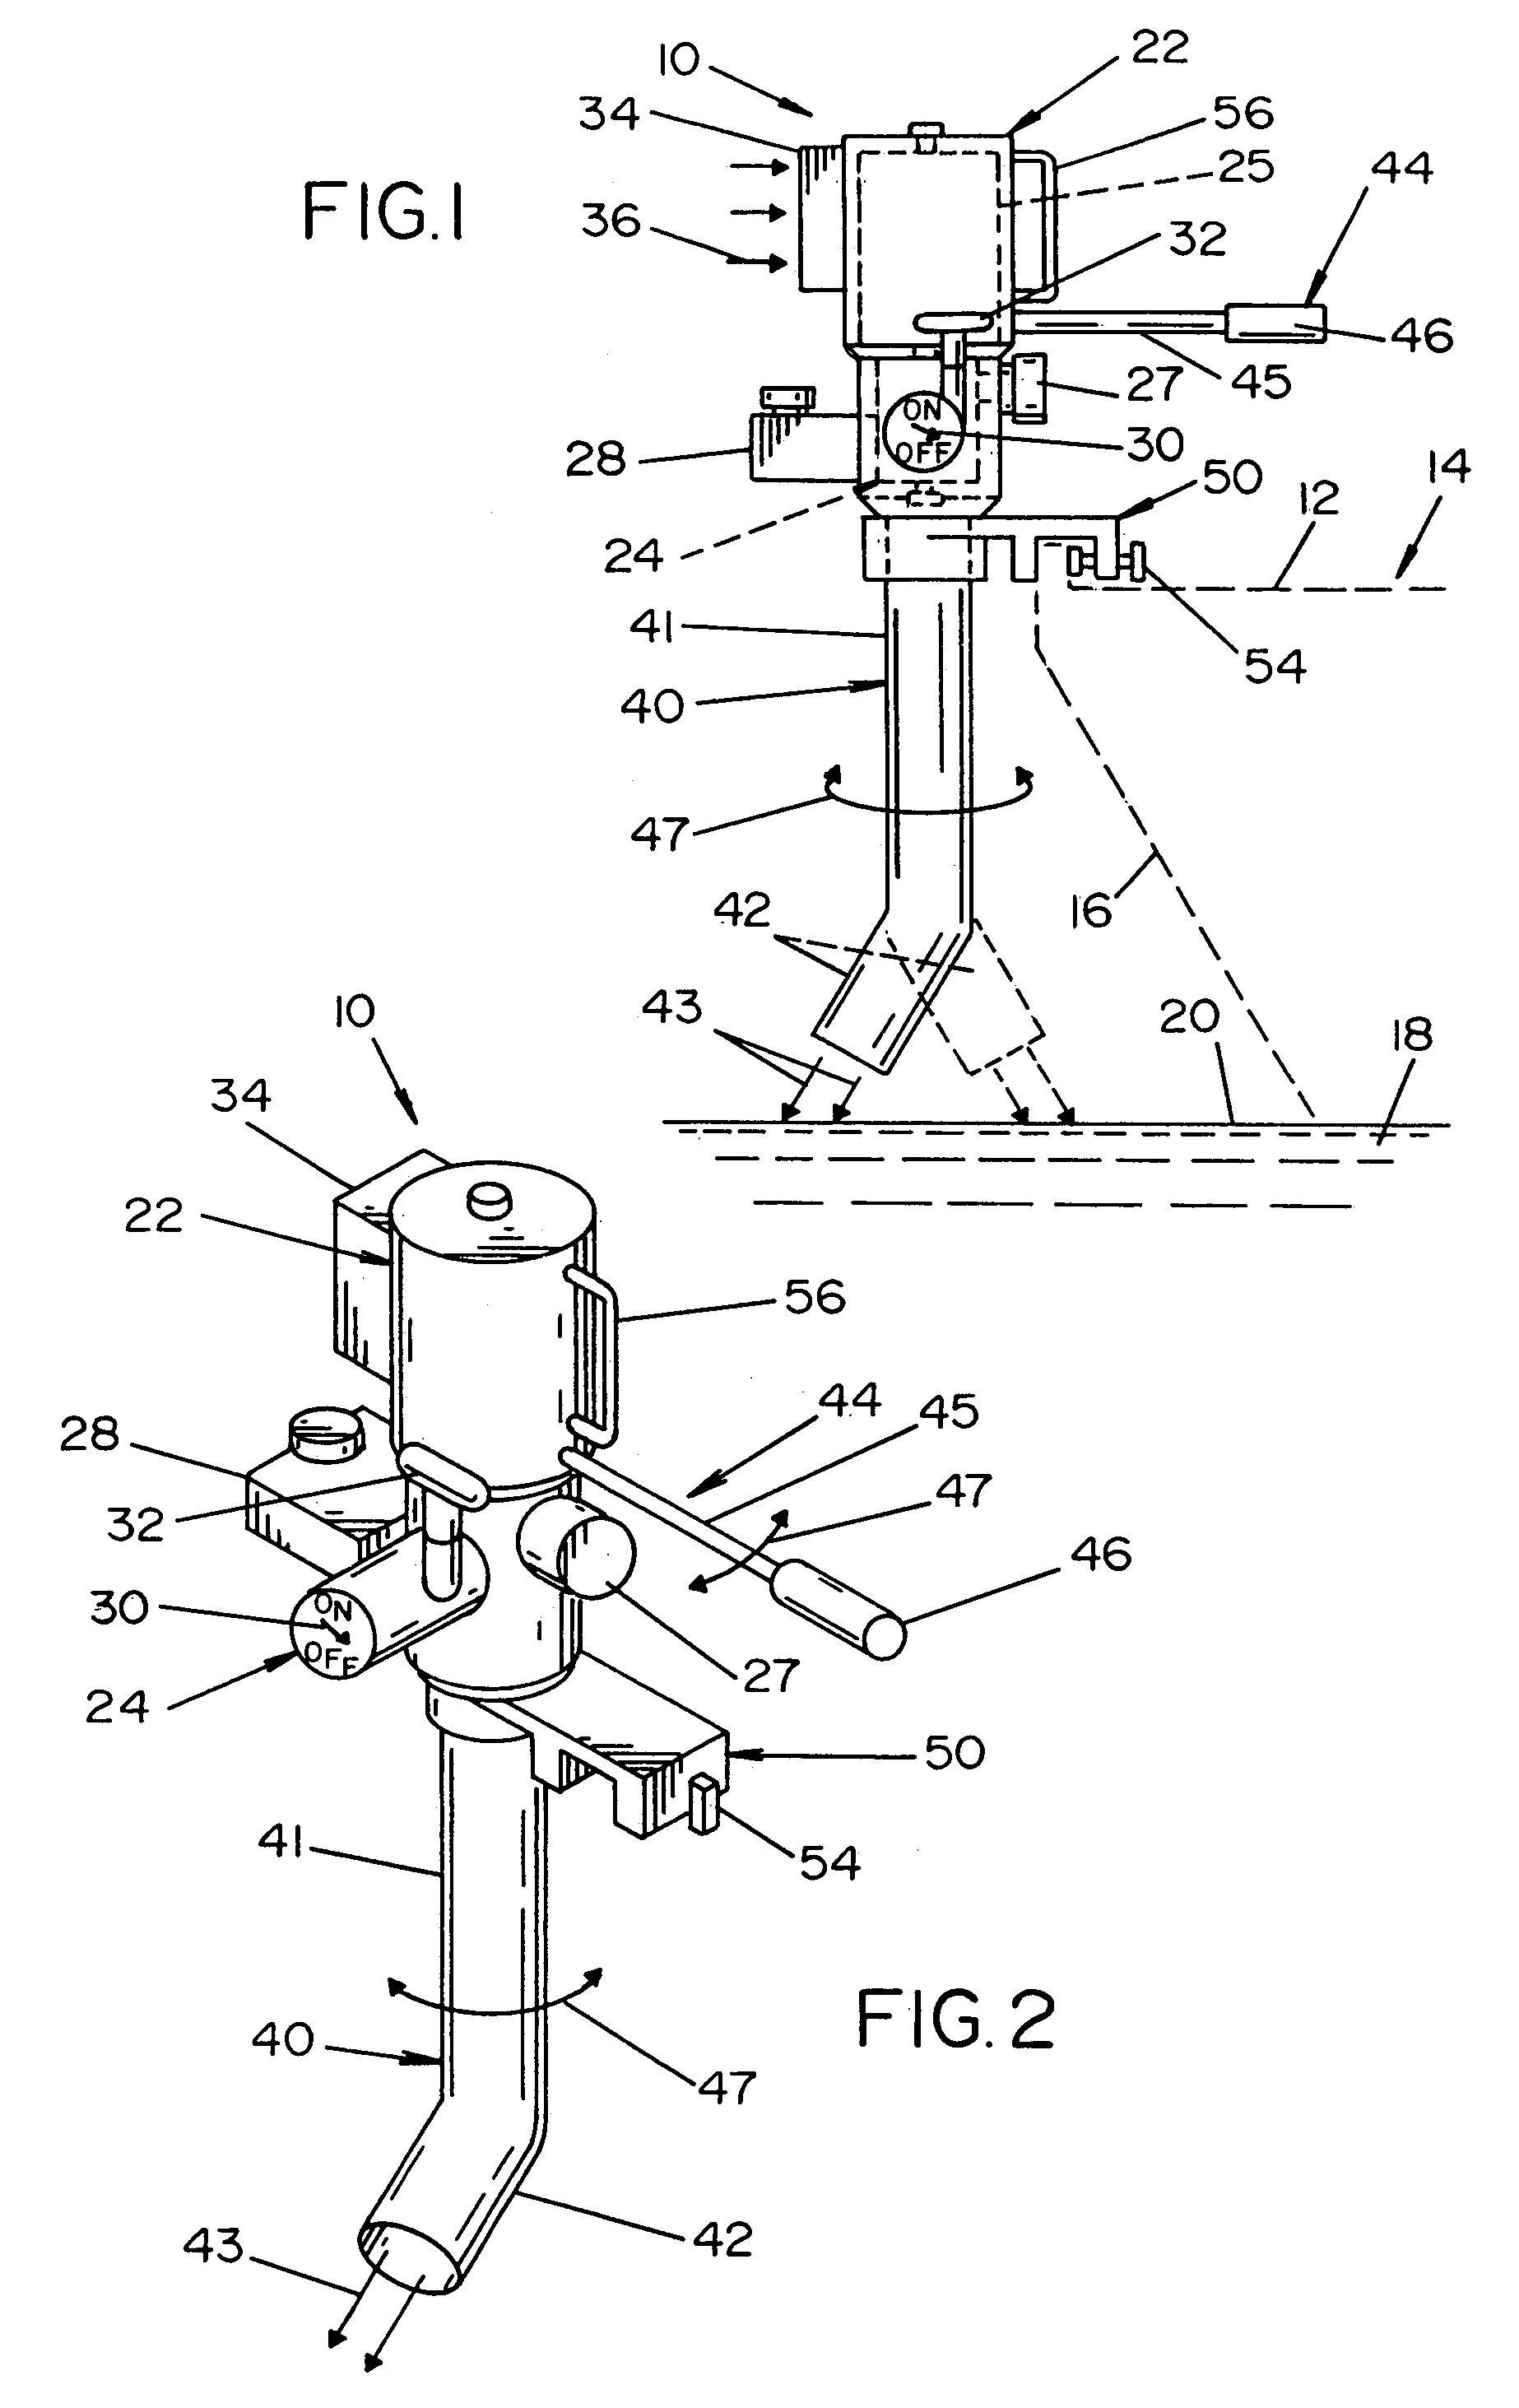 2004 impala radio wiring schematics html